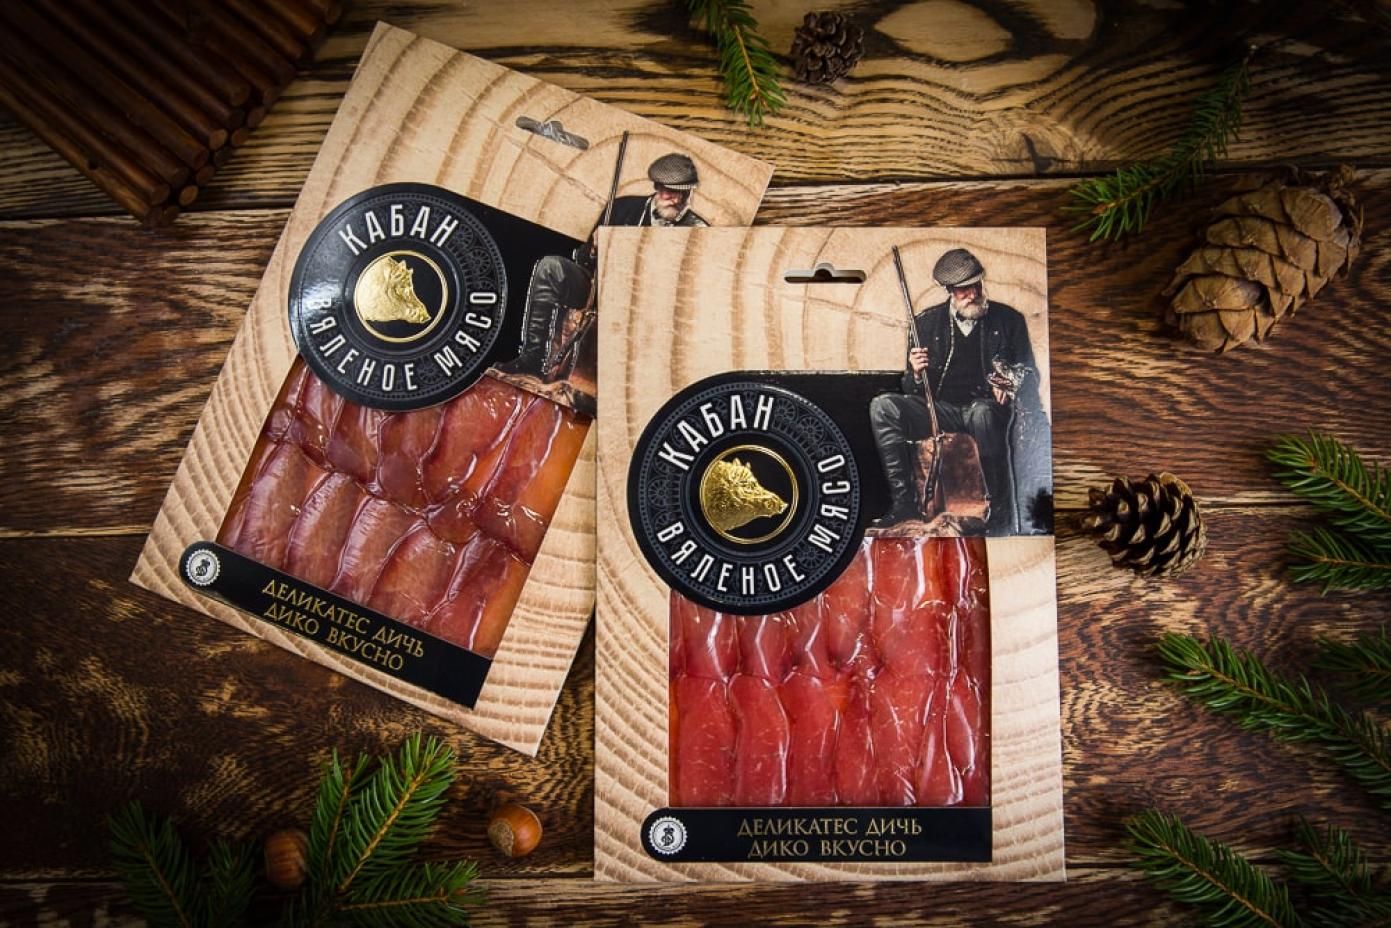 Нарезка из вяленого мяса Кабана в подарочной упаковке 100г